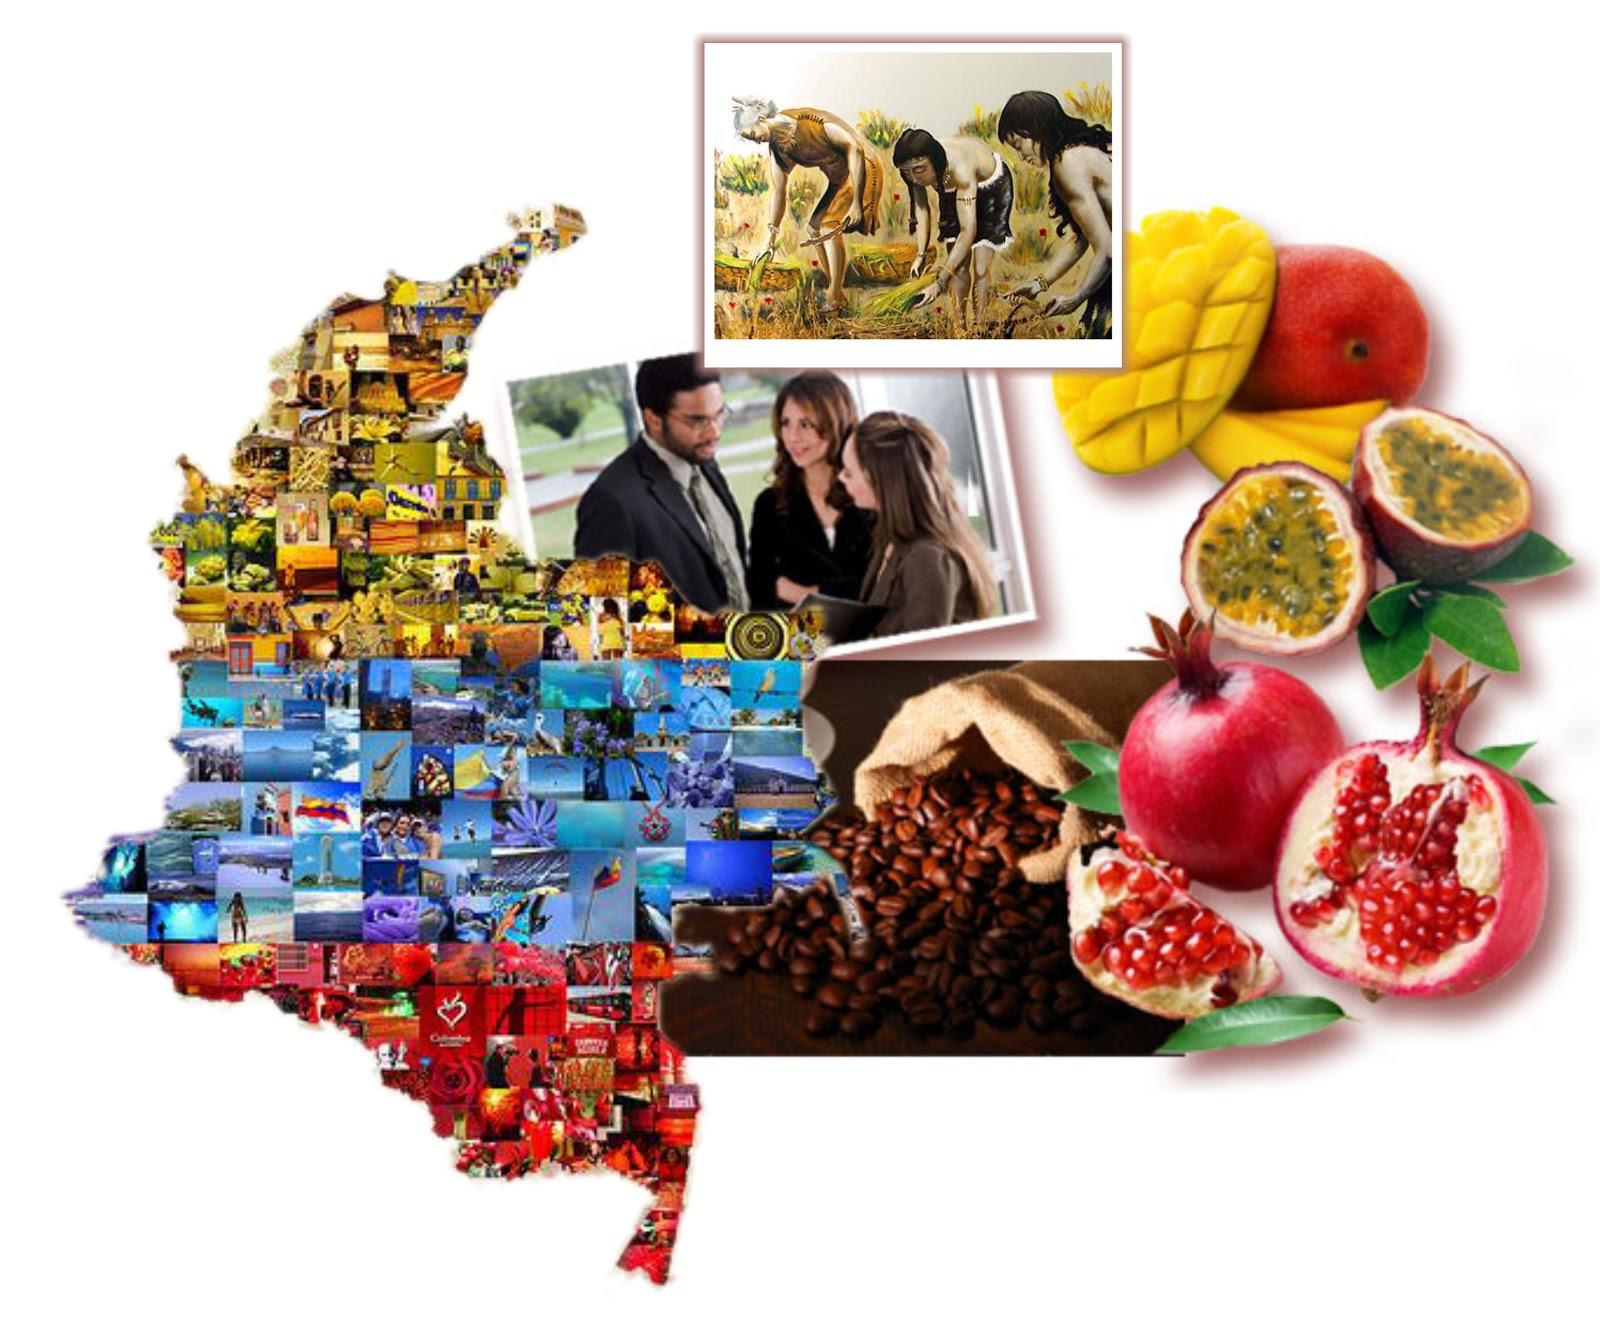 Instituciones de comercio mundial instituciones locales for Comercio exterior